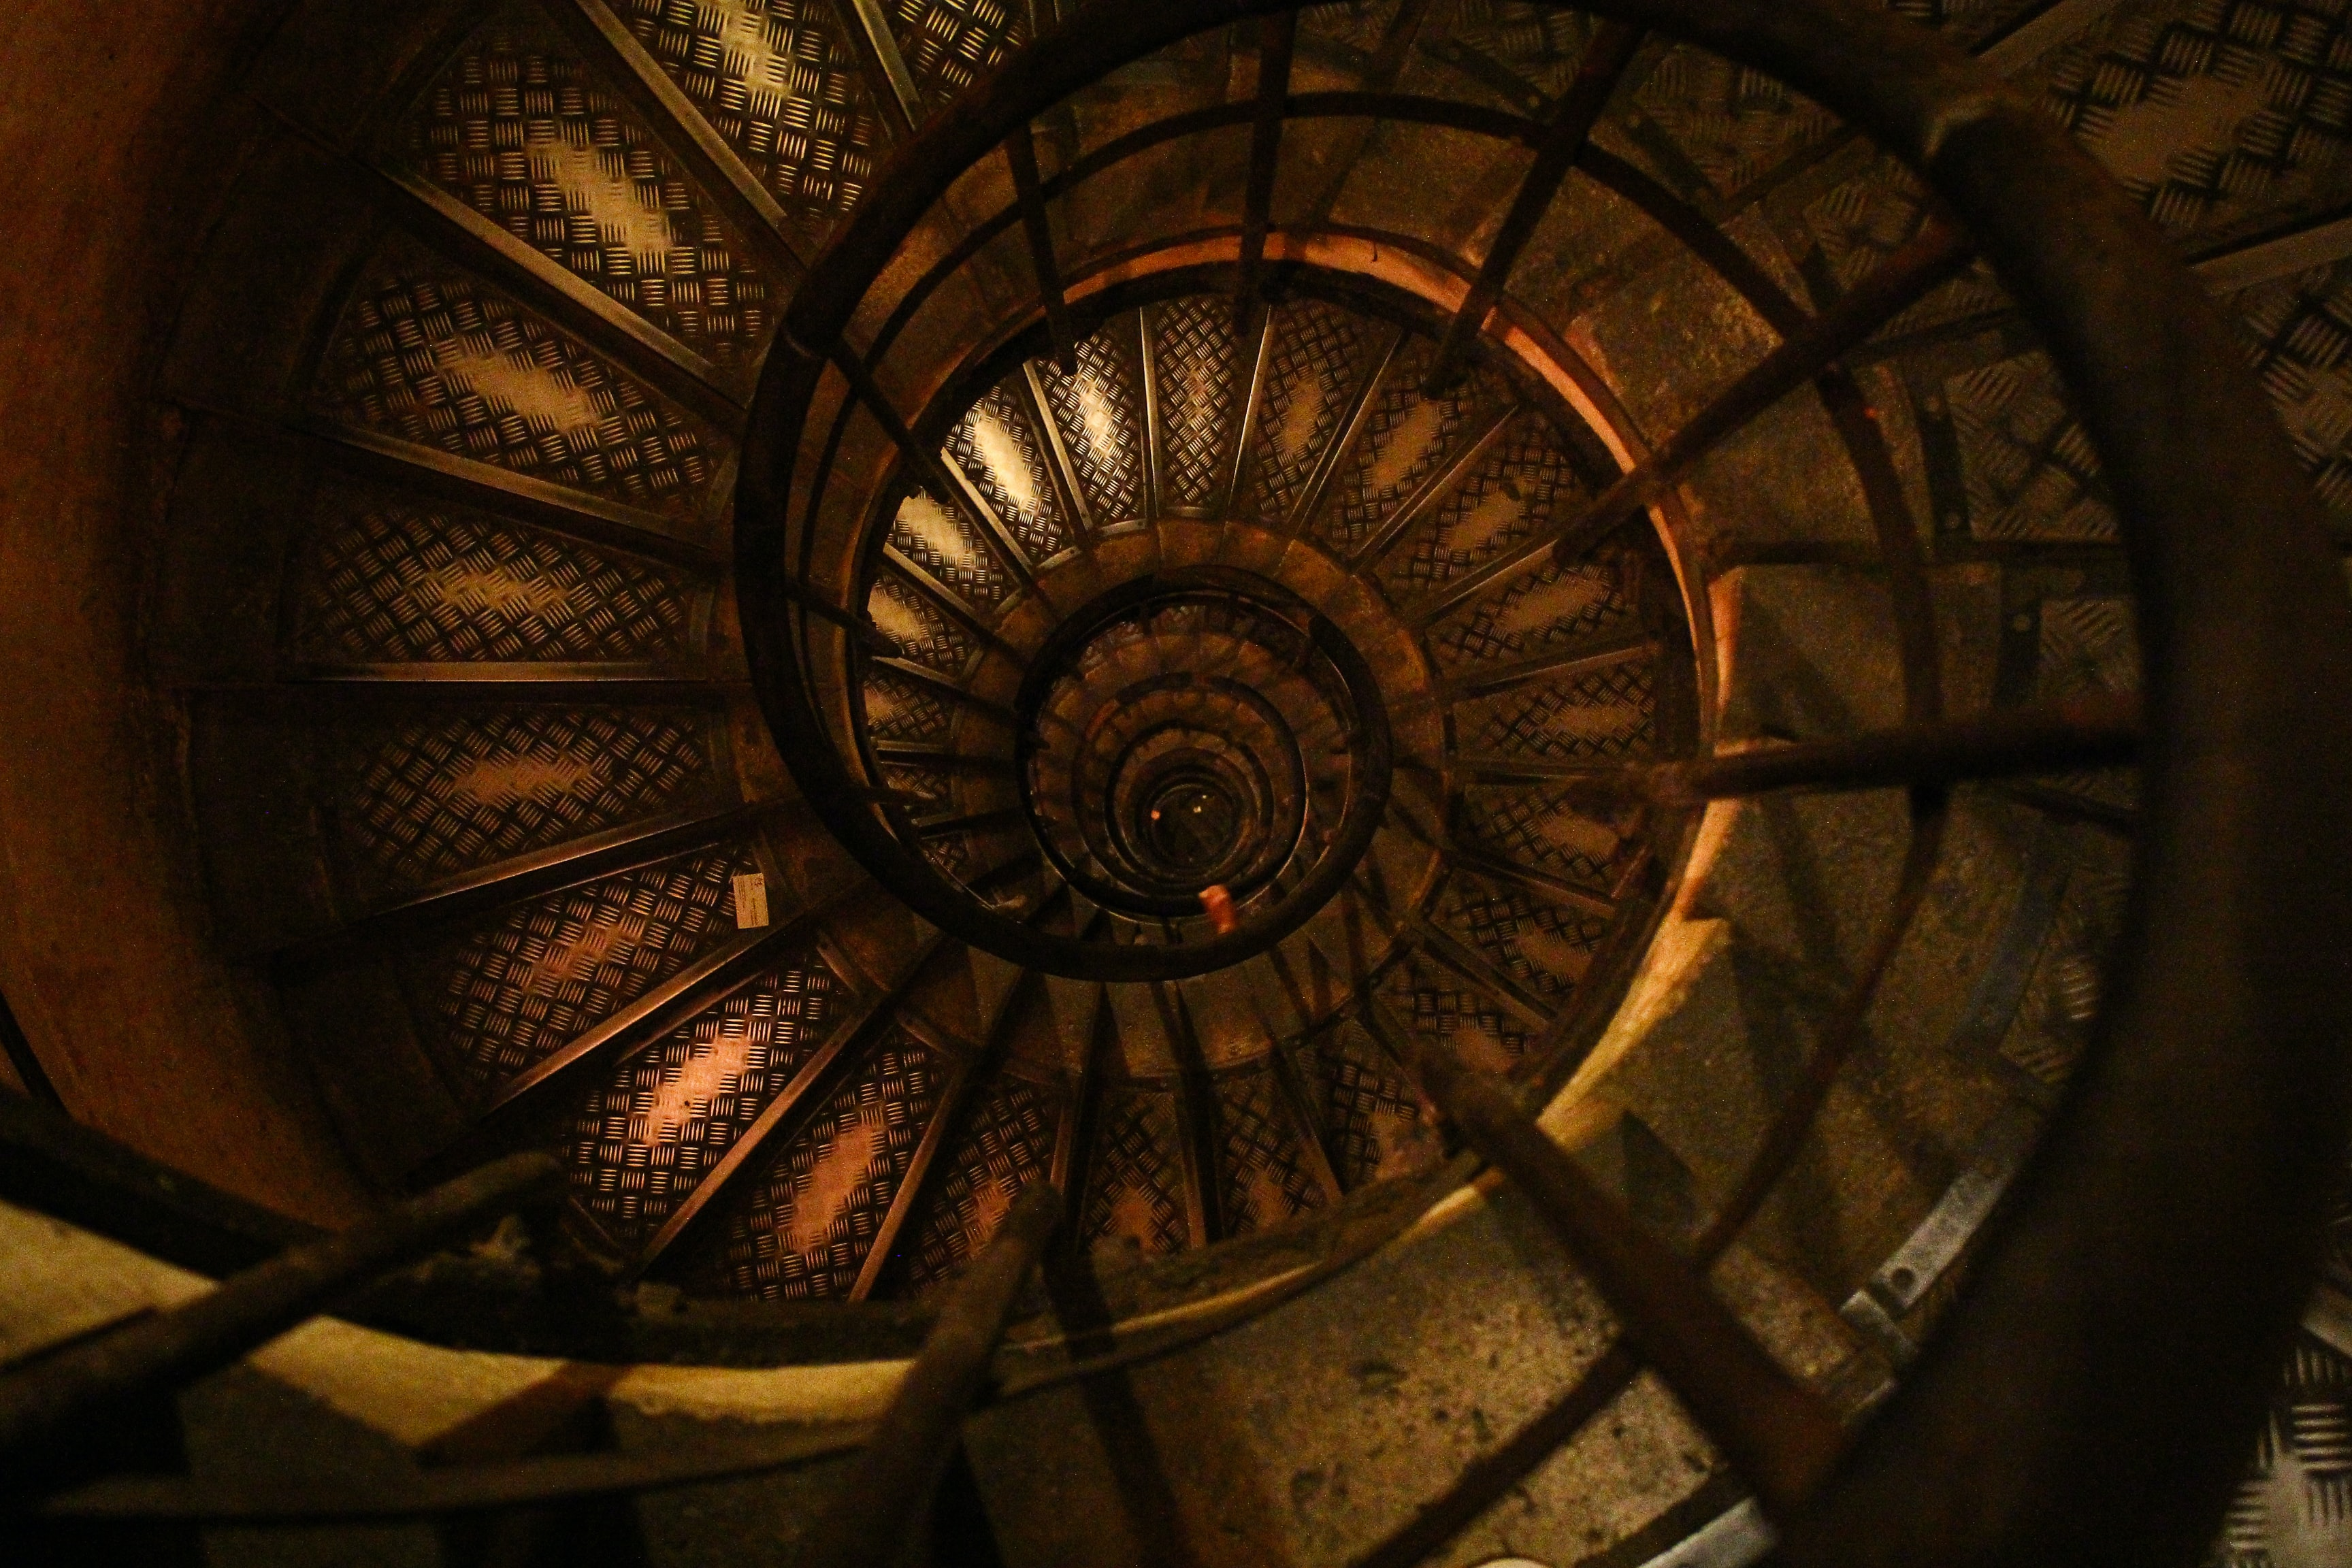 A worn spiral staircase